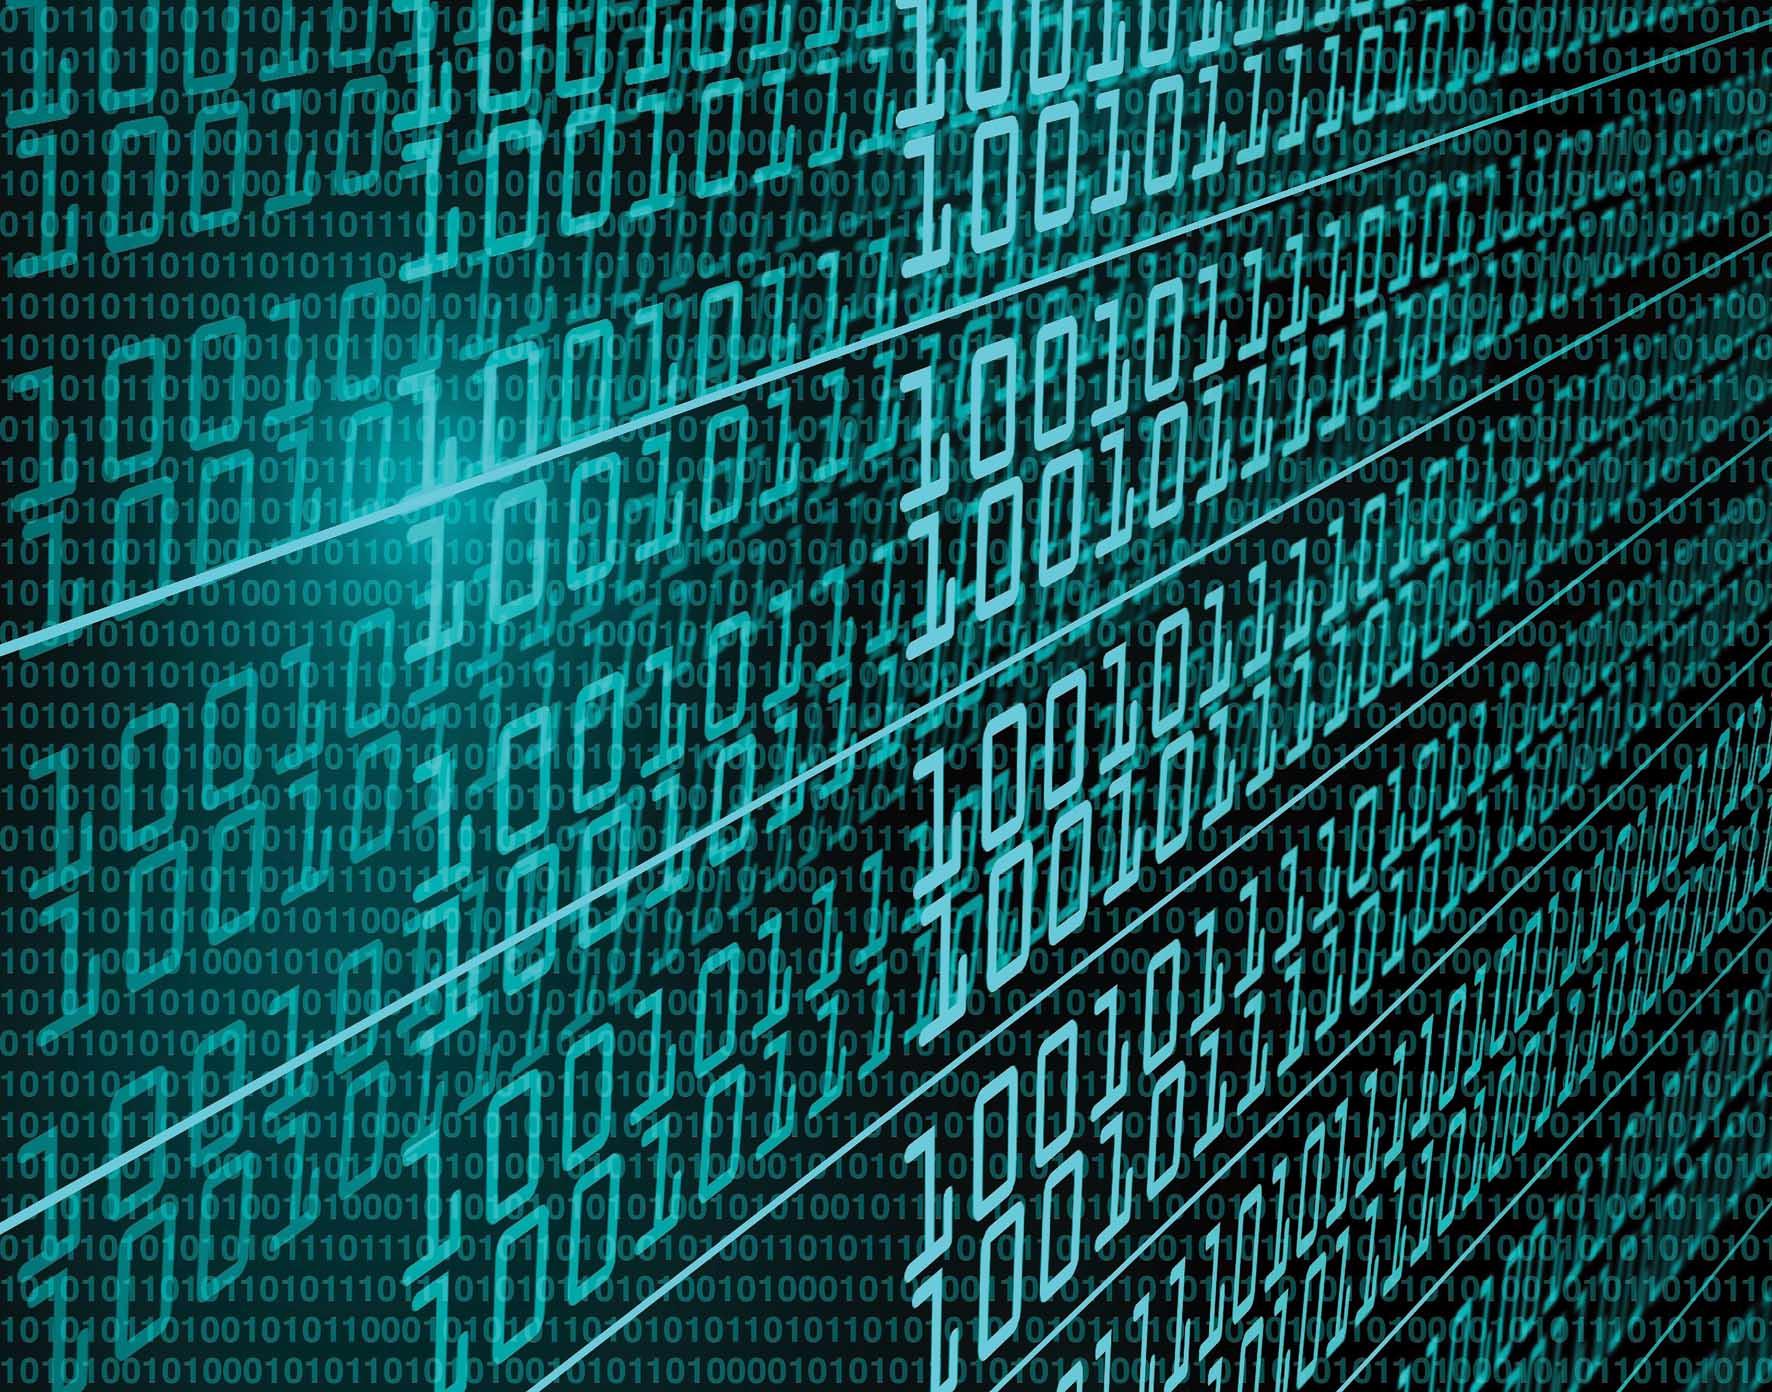 digitale simboli bit